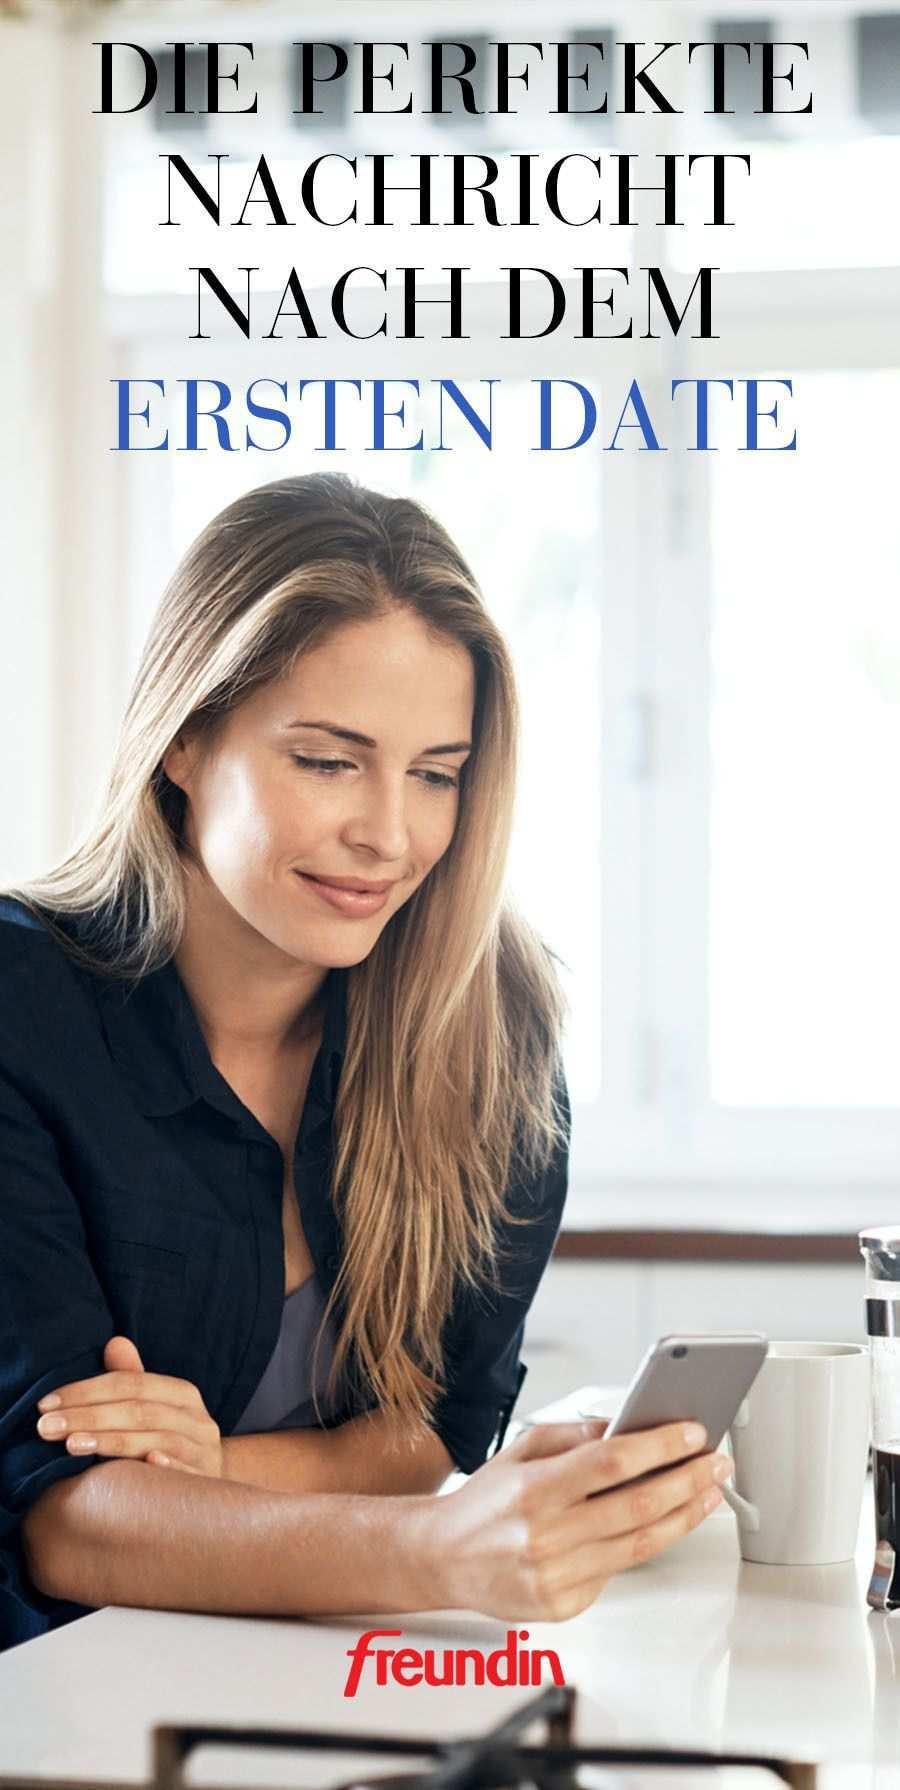 Das Sollten Sie Ihm Nach Dem Ersten Date Schreiben Freundin De Erstes Date Erstes Date Tipps Textnachrichten